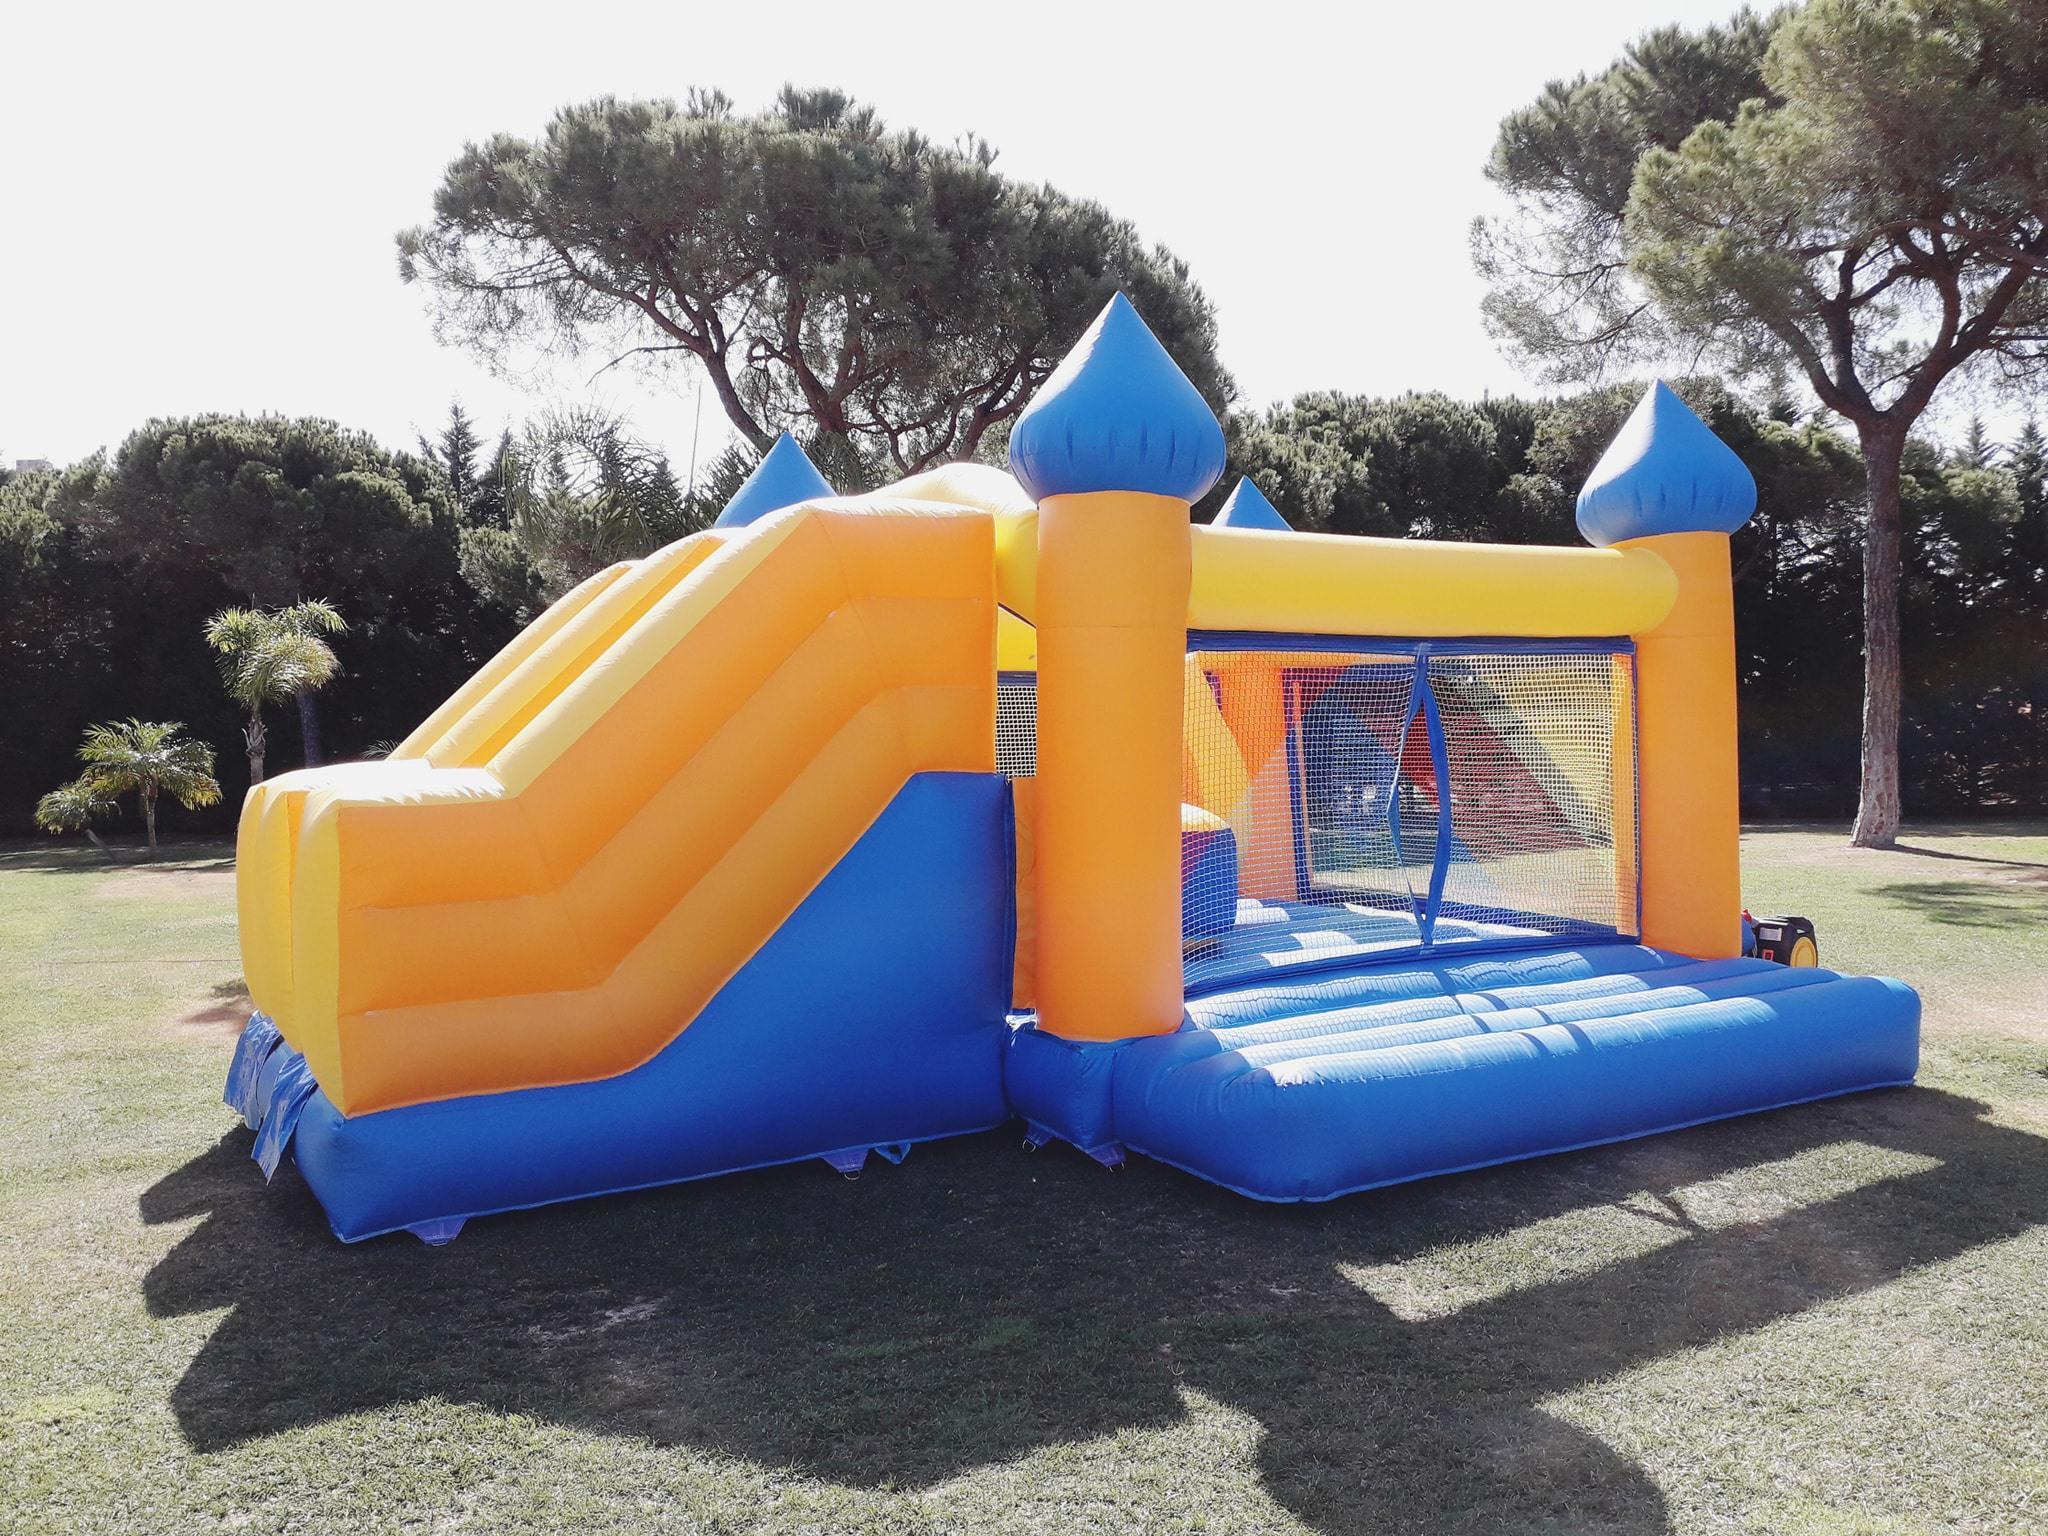 Insuflável Castelo Aladino | Aluguer de Insufláveis Oficina de Sonhos Algarve